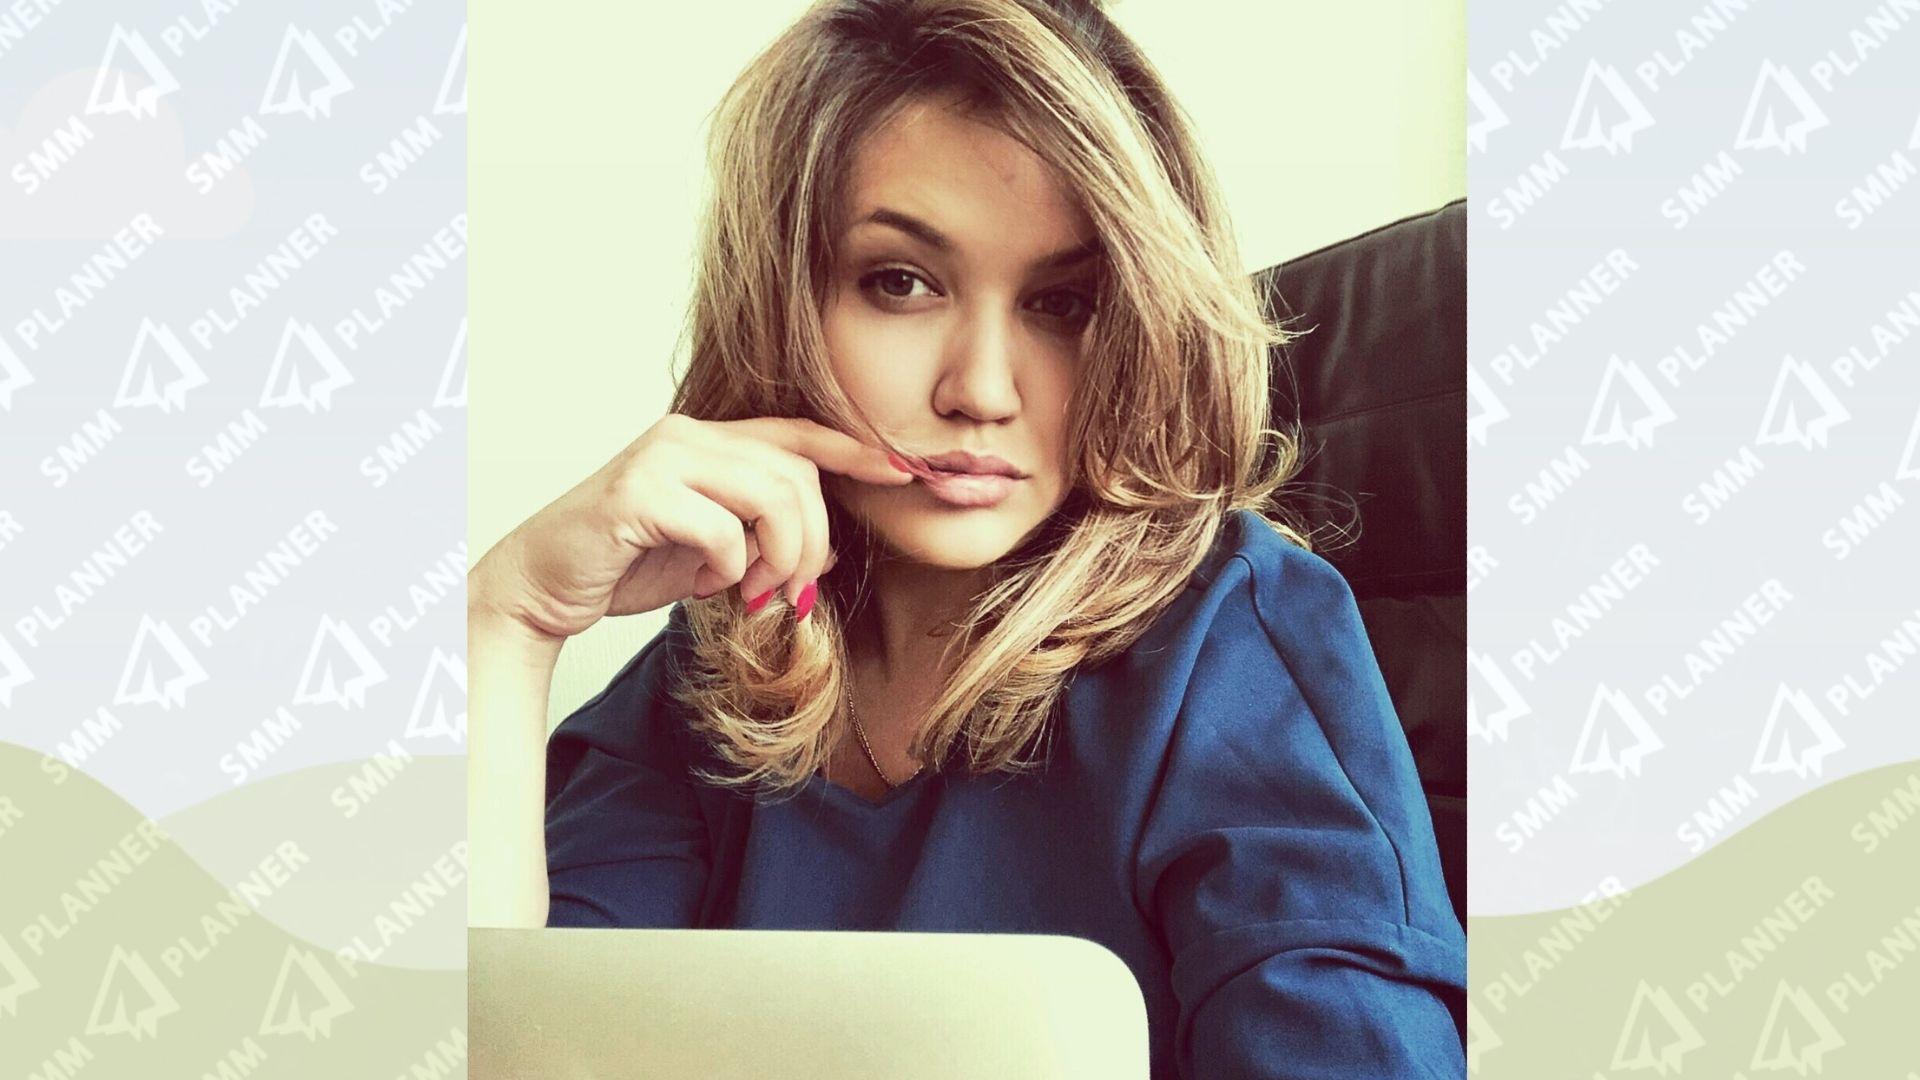 SMM-специалист Лия Канарская получает лидов напрямую из соцсетей для себя и клиентов